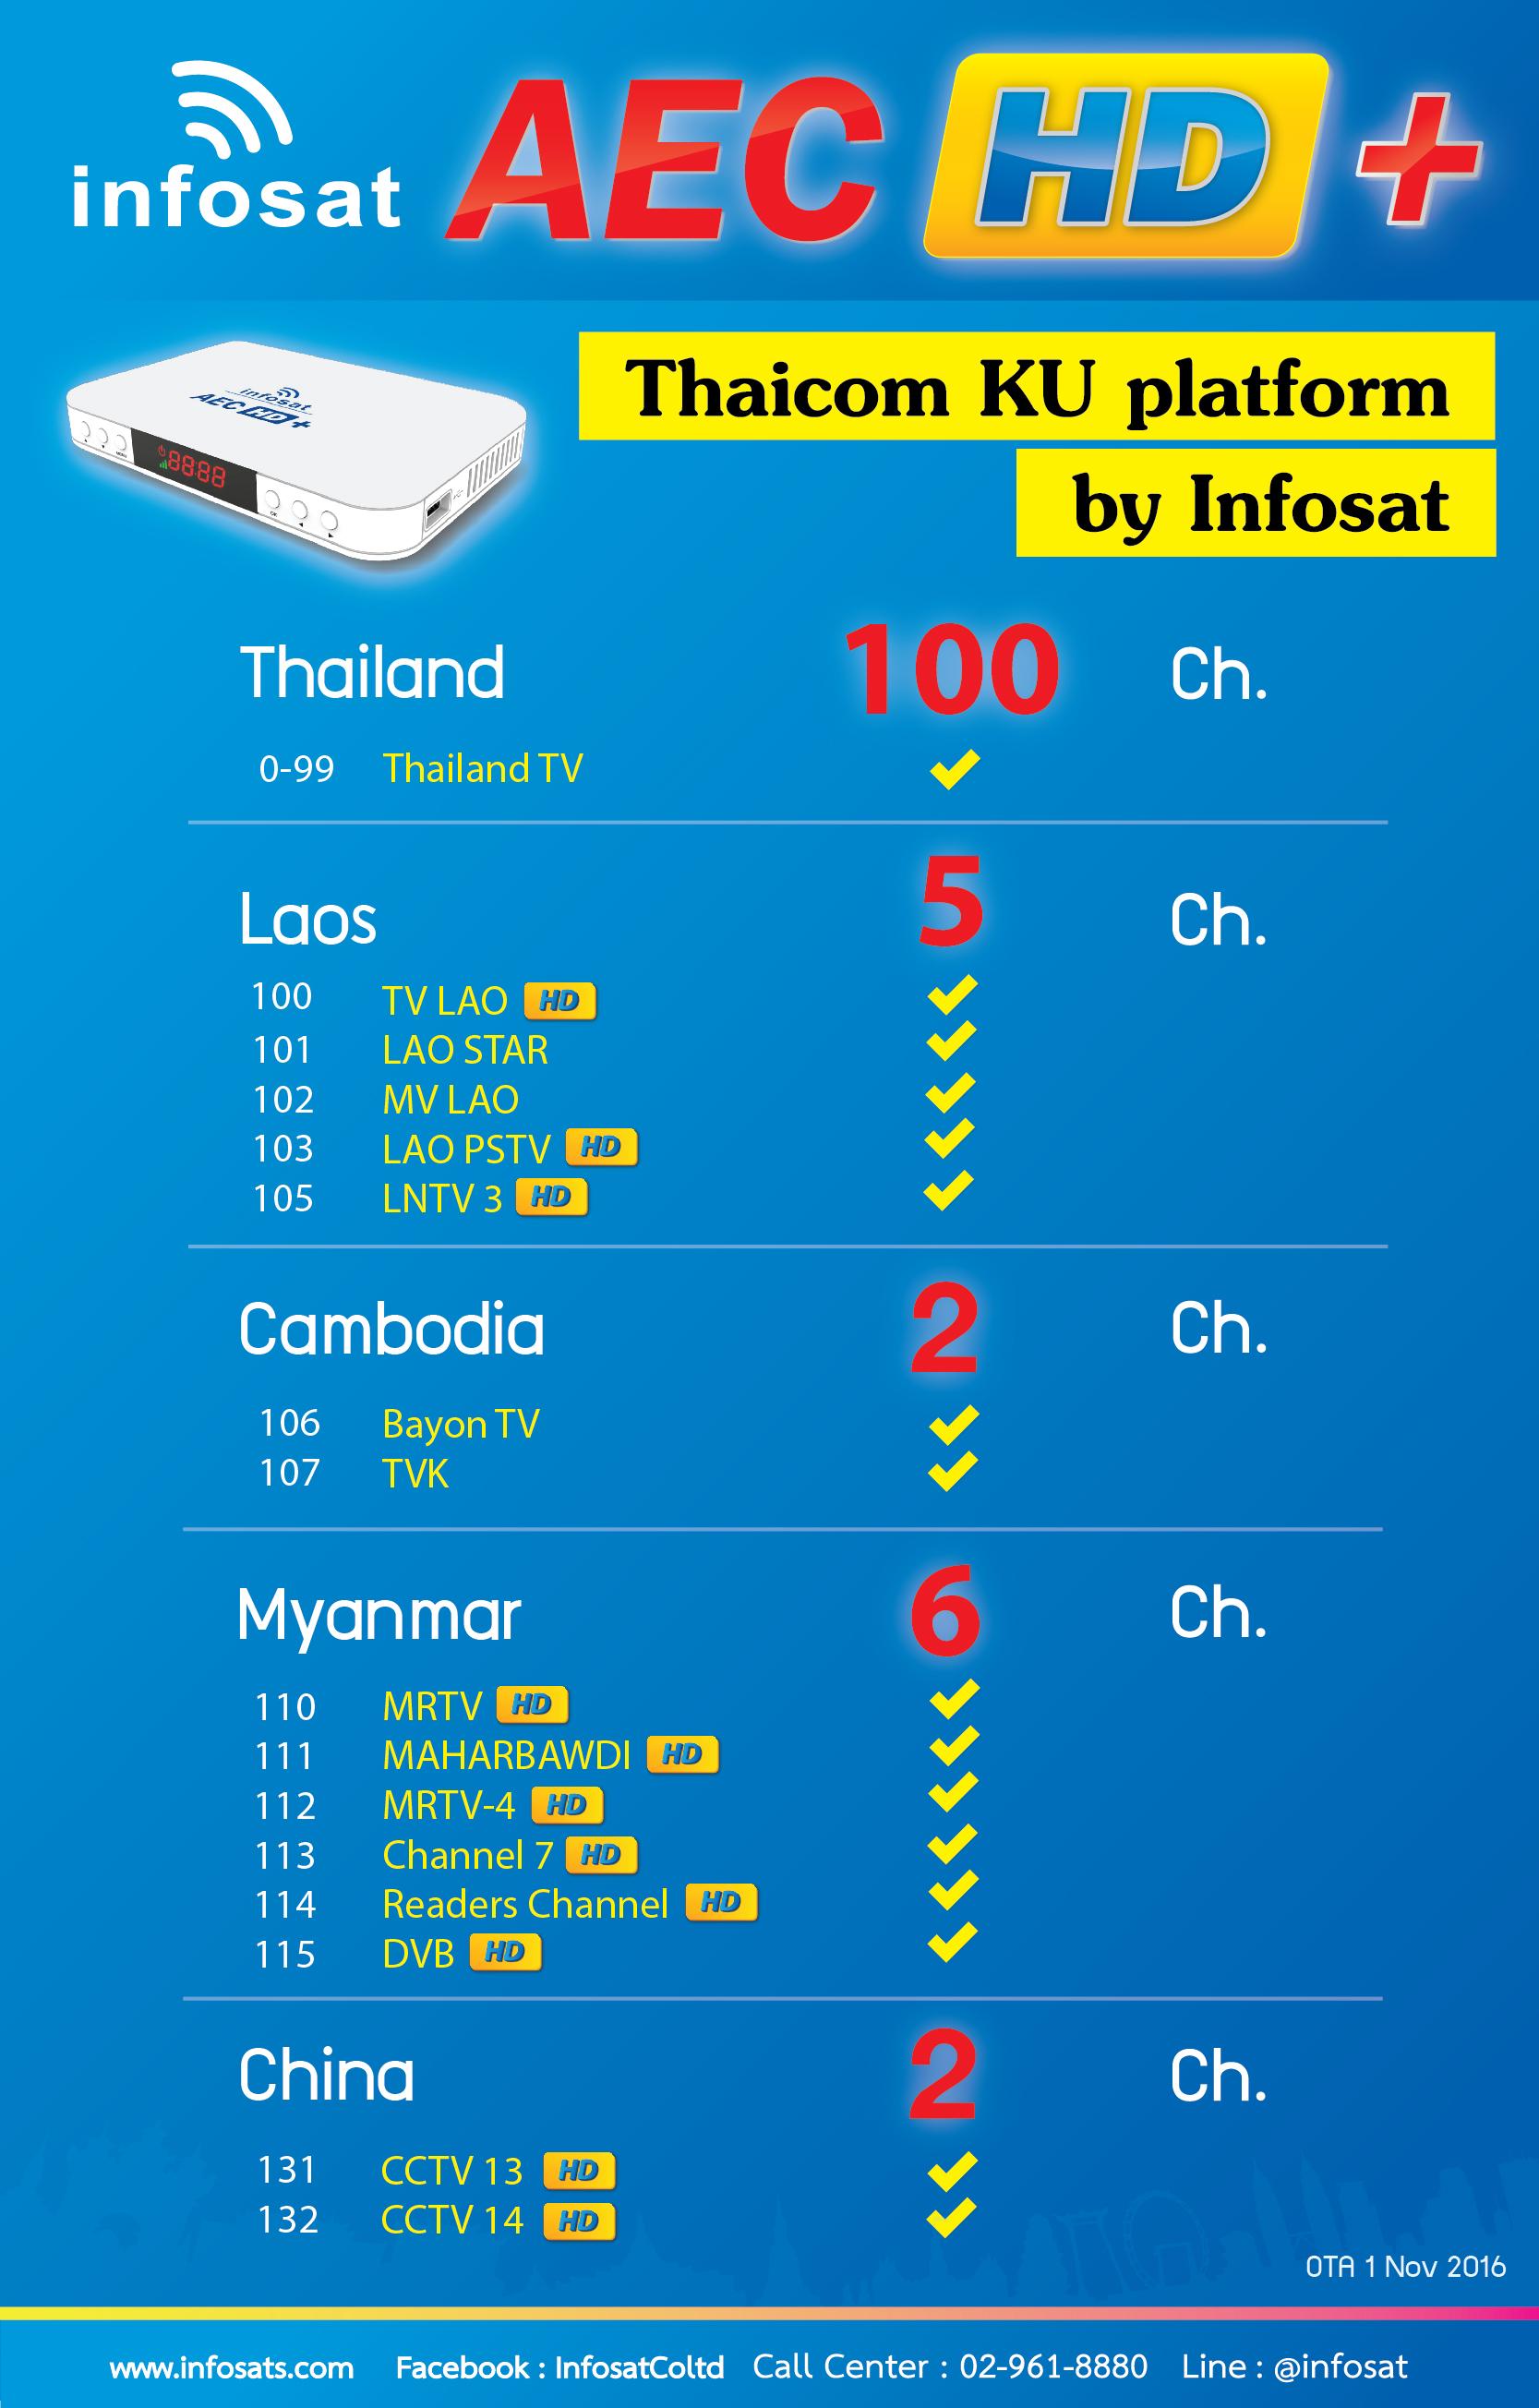 Thaicom KU Platform by Infosat